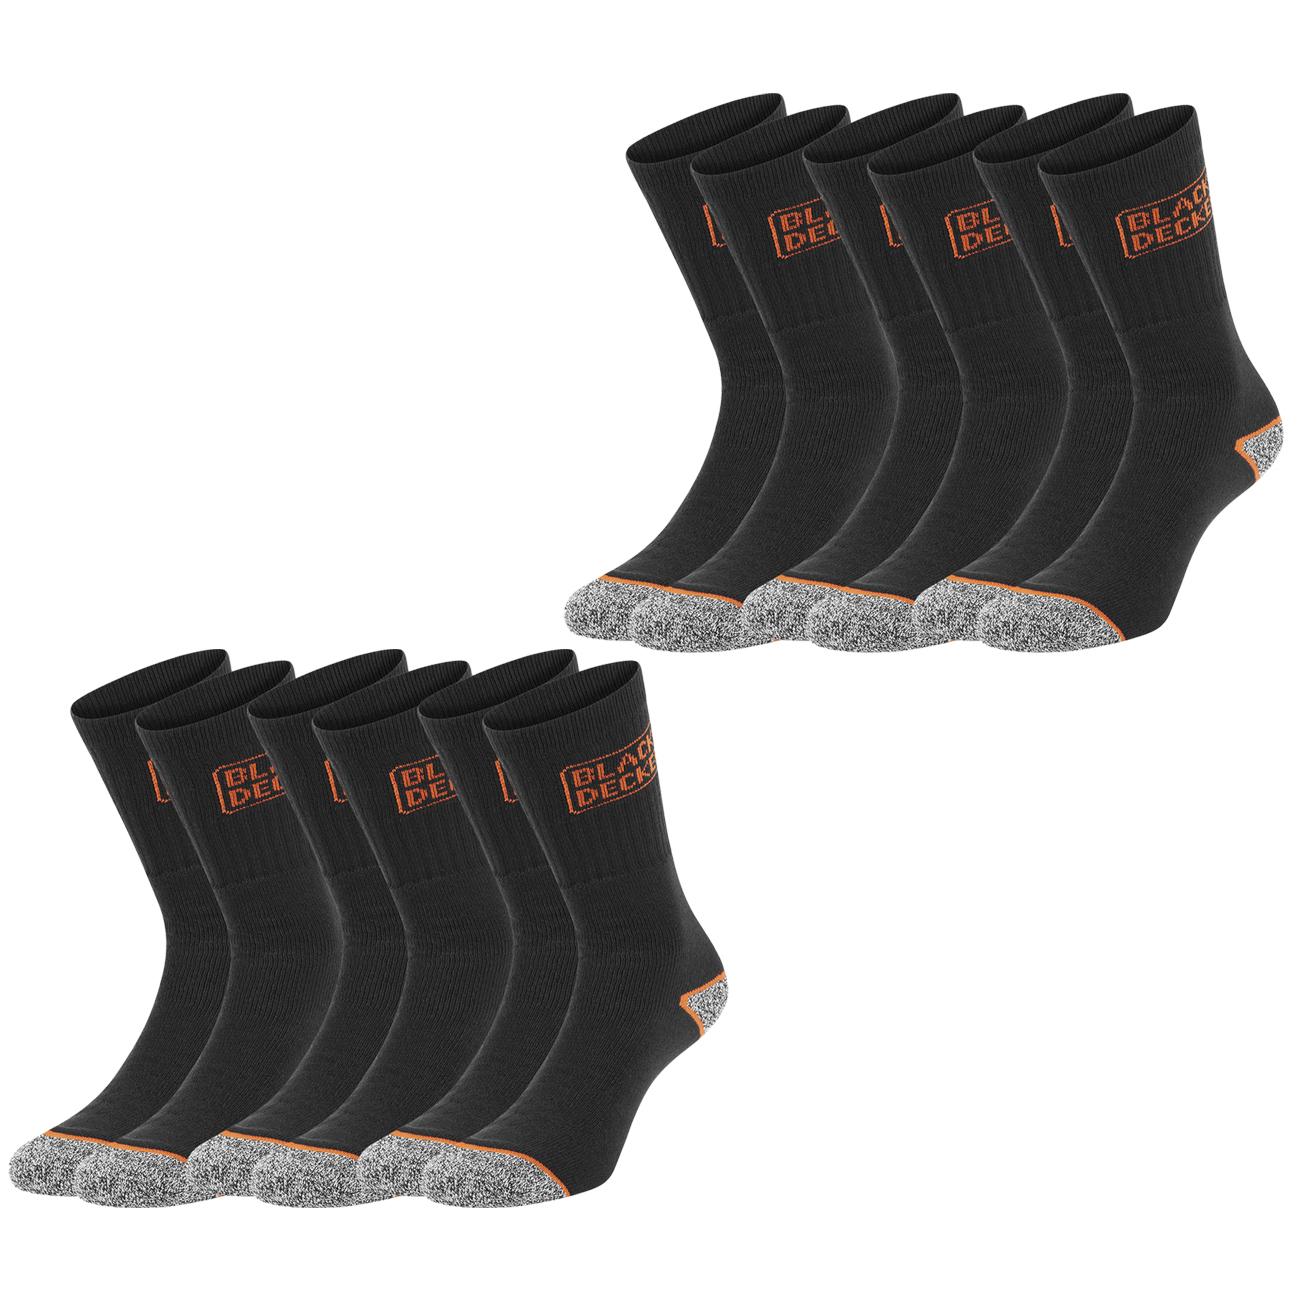 Black+Decker 12er Pack Unisex Sportsocken (Gr. 39-49, Material 65% Baumwolle, 32% Polyester, 3% Polyamid) verschiedene Farben